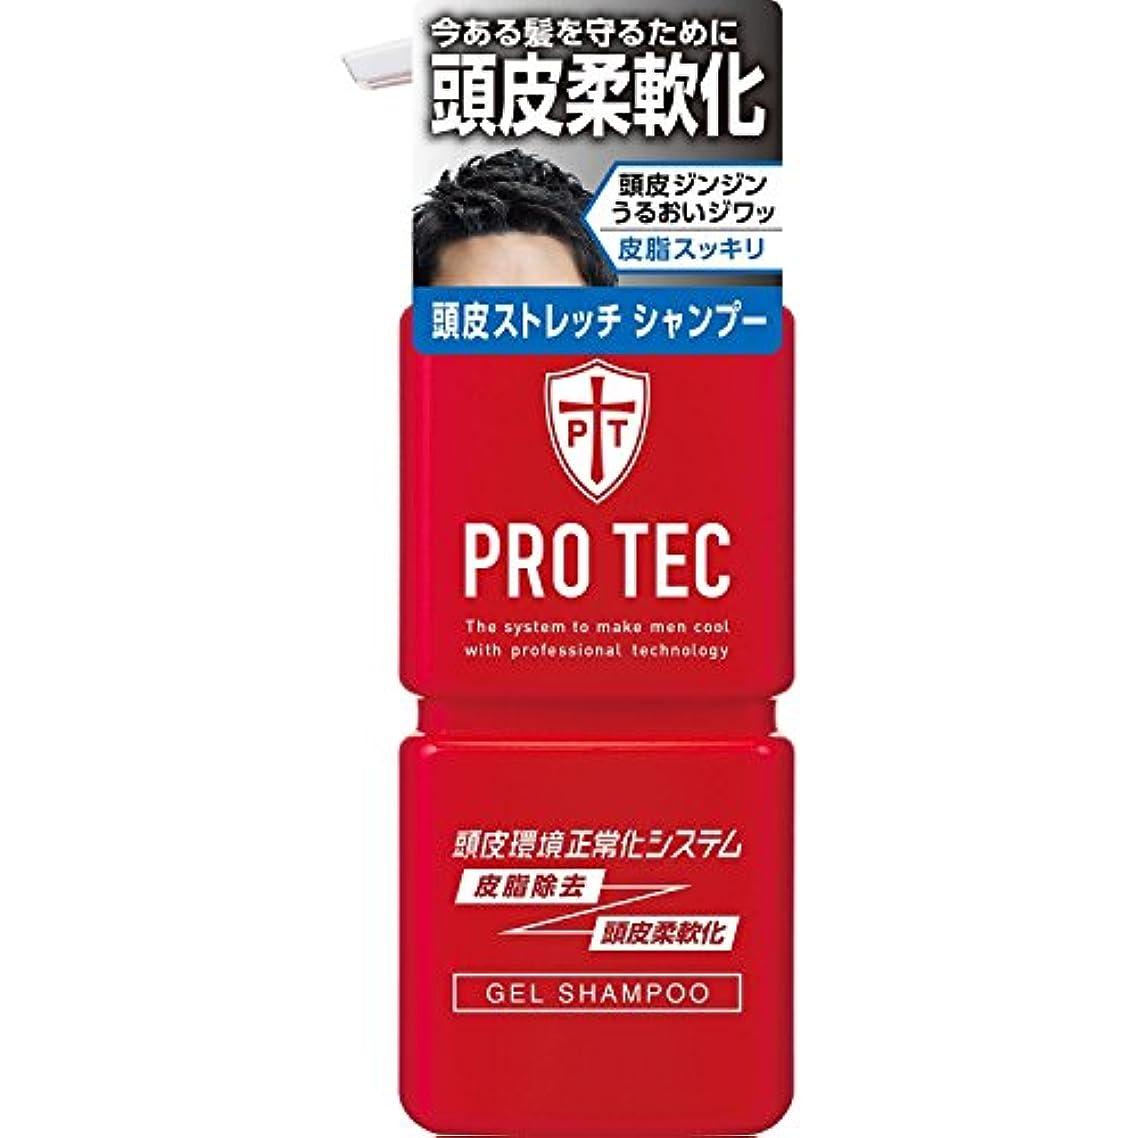 学習細心の家庭教師PRO TEC(プロテク) 頭皮ストレッチ シャンプー 本体ポンプ 300g(医薬部外品)